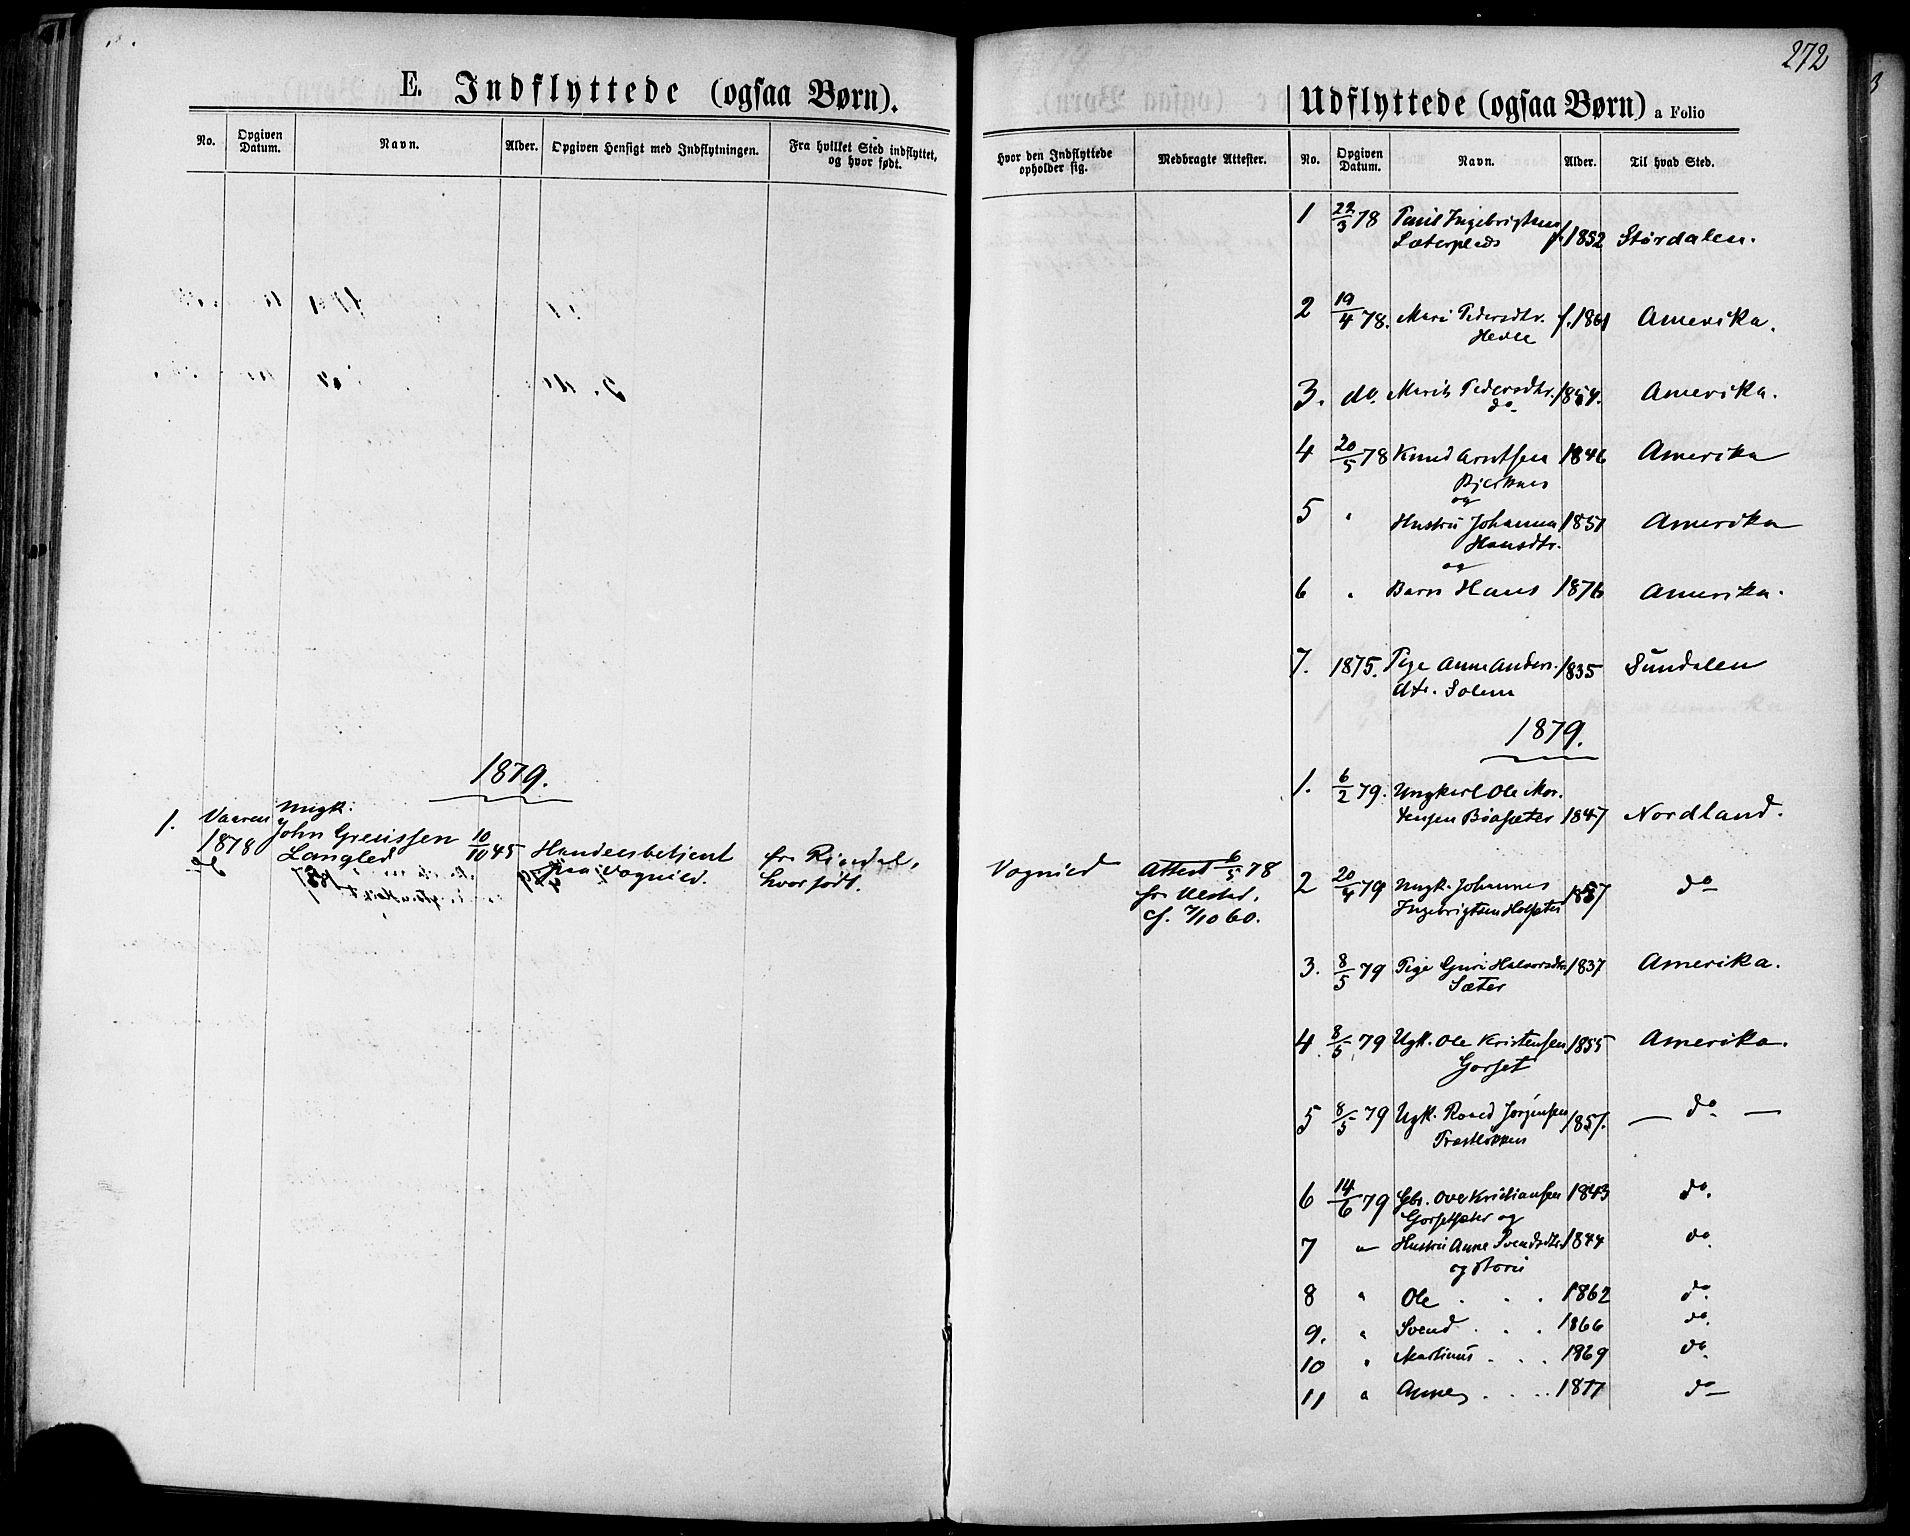 SAT, Ministerialprotokoller, klokkerbøker og fødselsregistre - Sør-Trøndelag, 678/L0900: Ministerialbok nr. 678A09, 1872-1881, s. 272